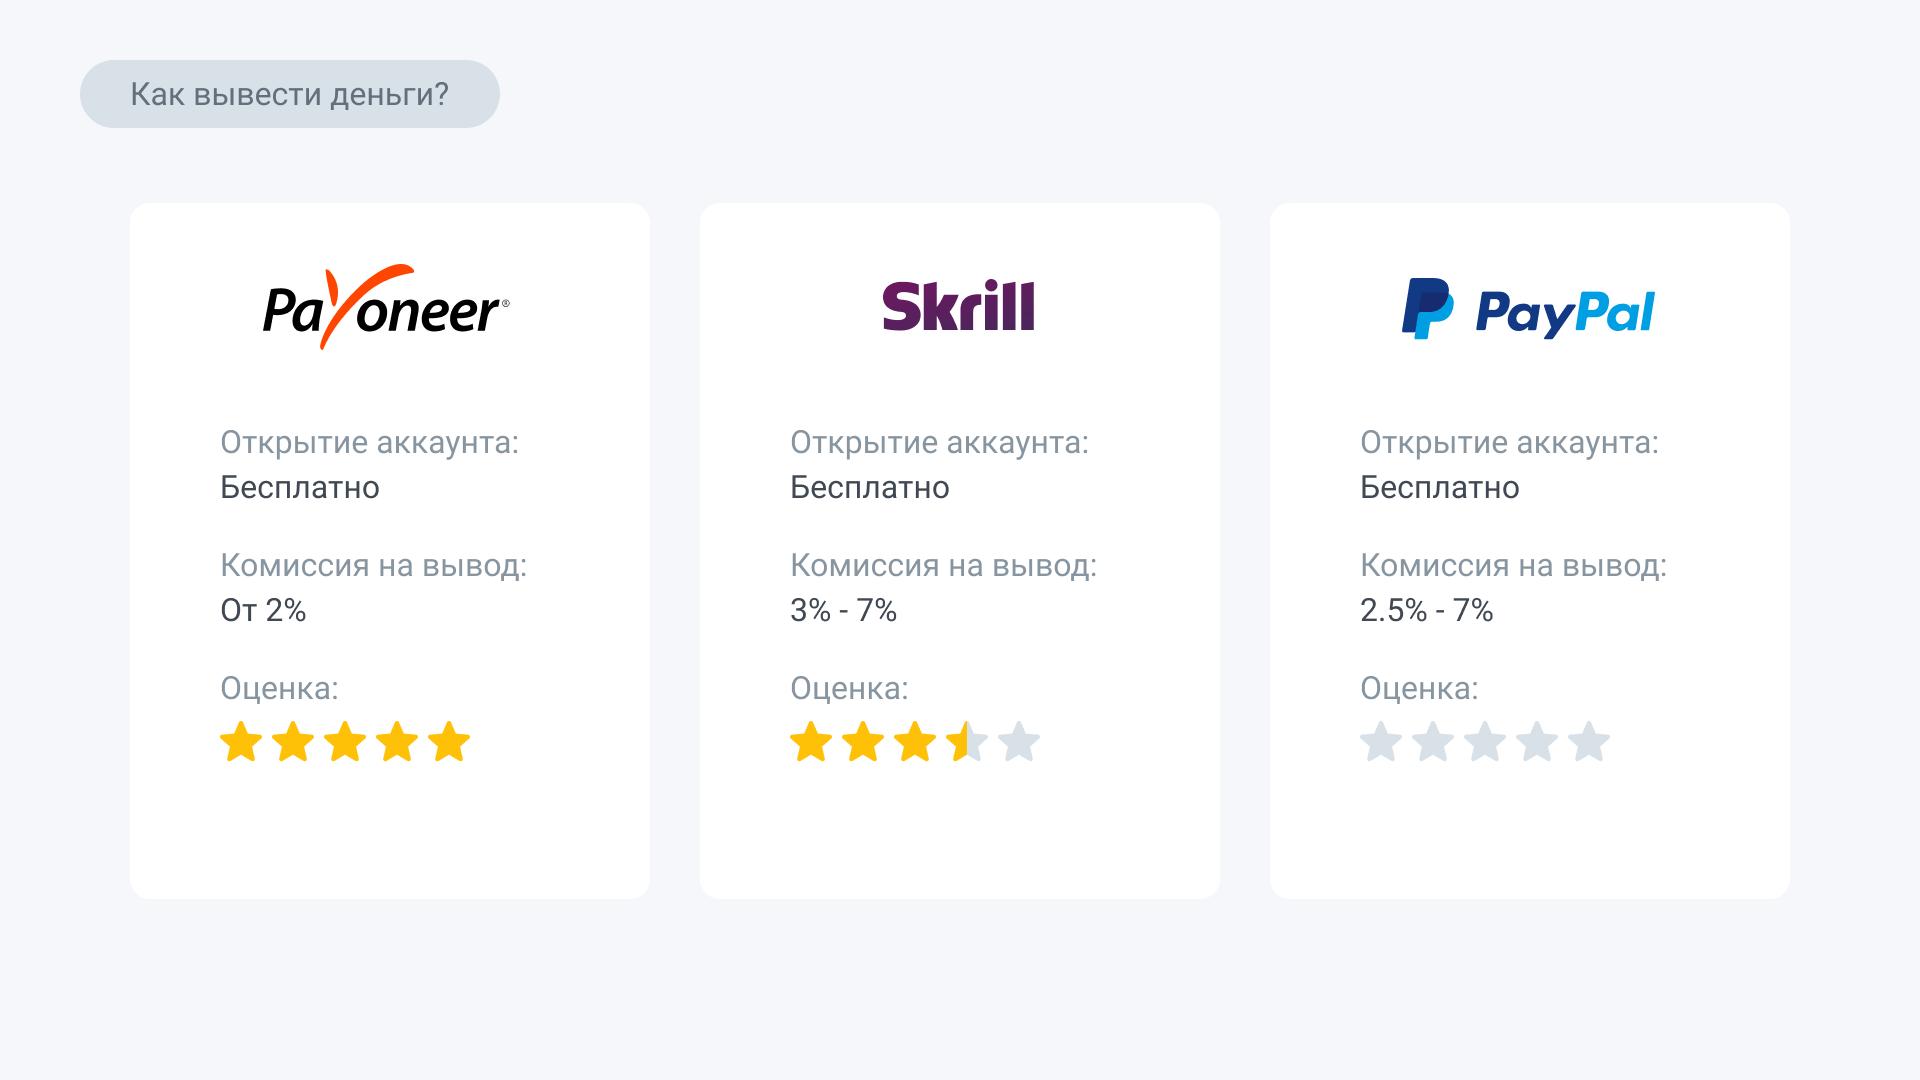 Сравнение платежных систем Payoneer, Skrill, PayPal